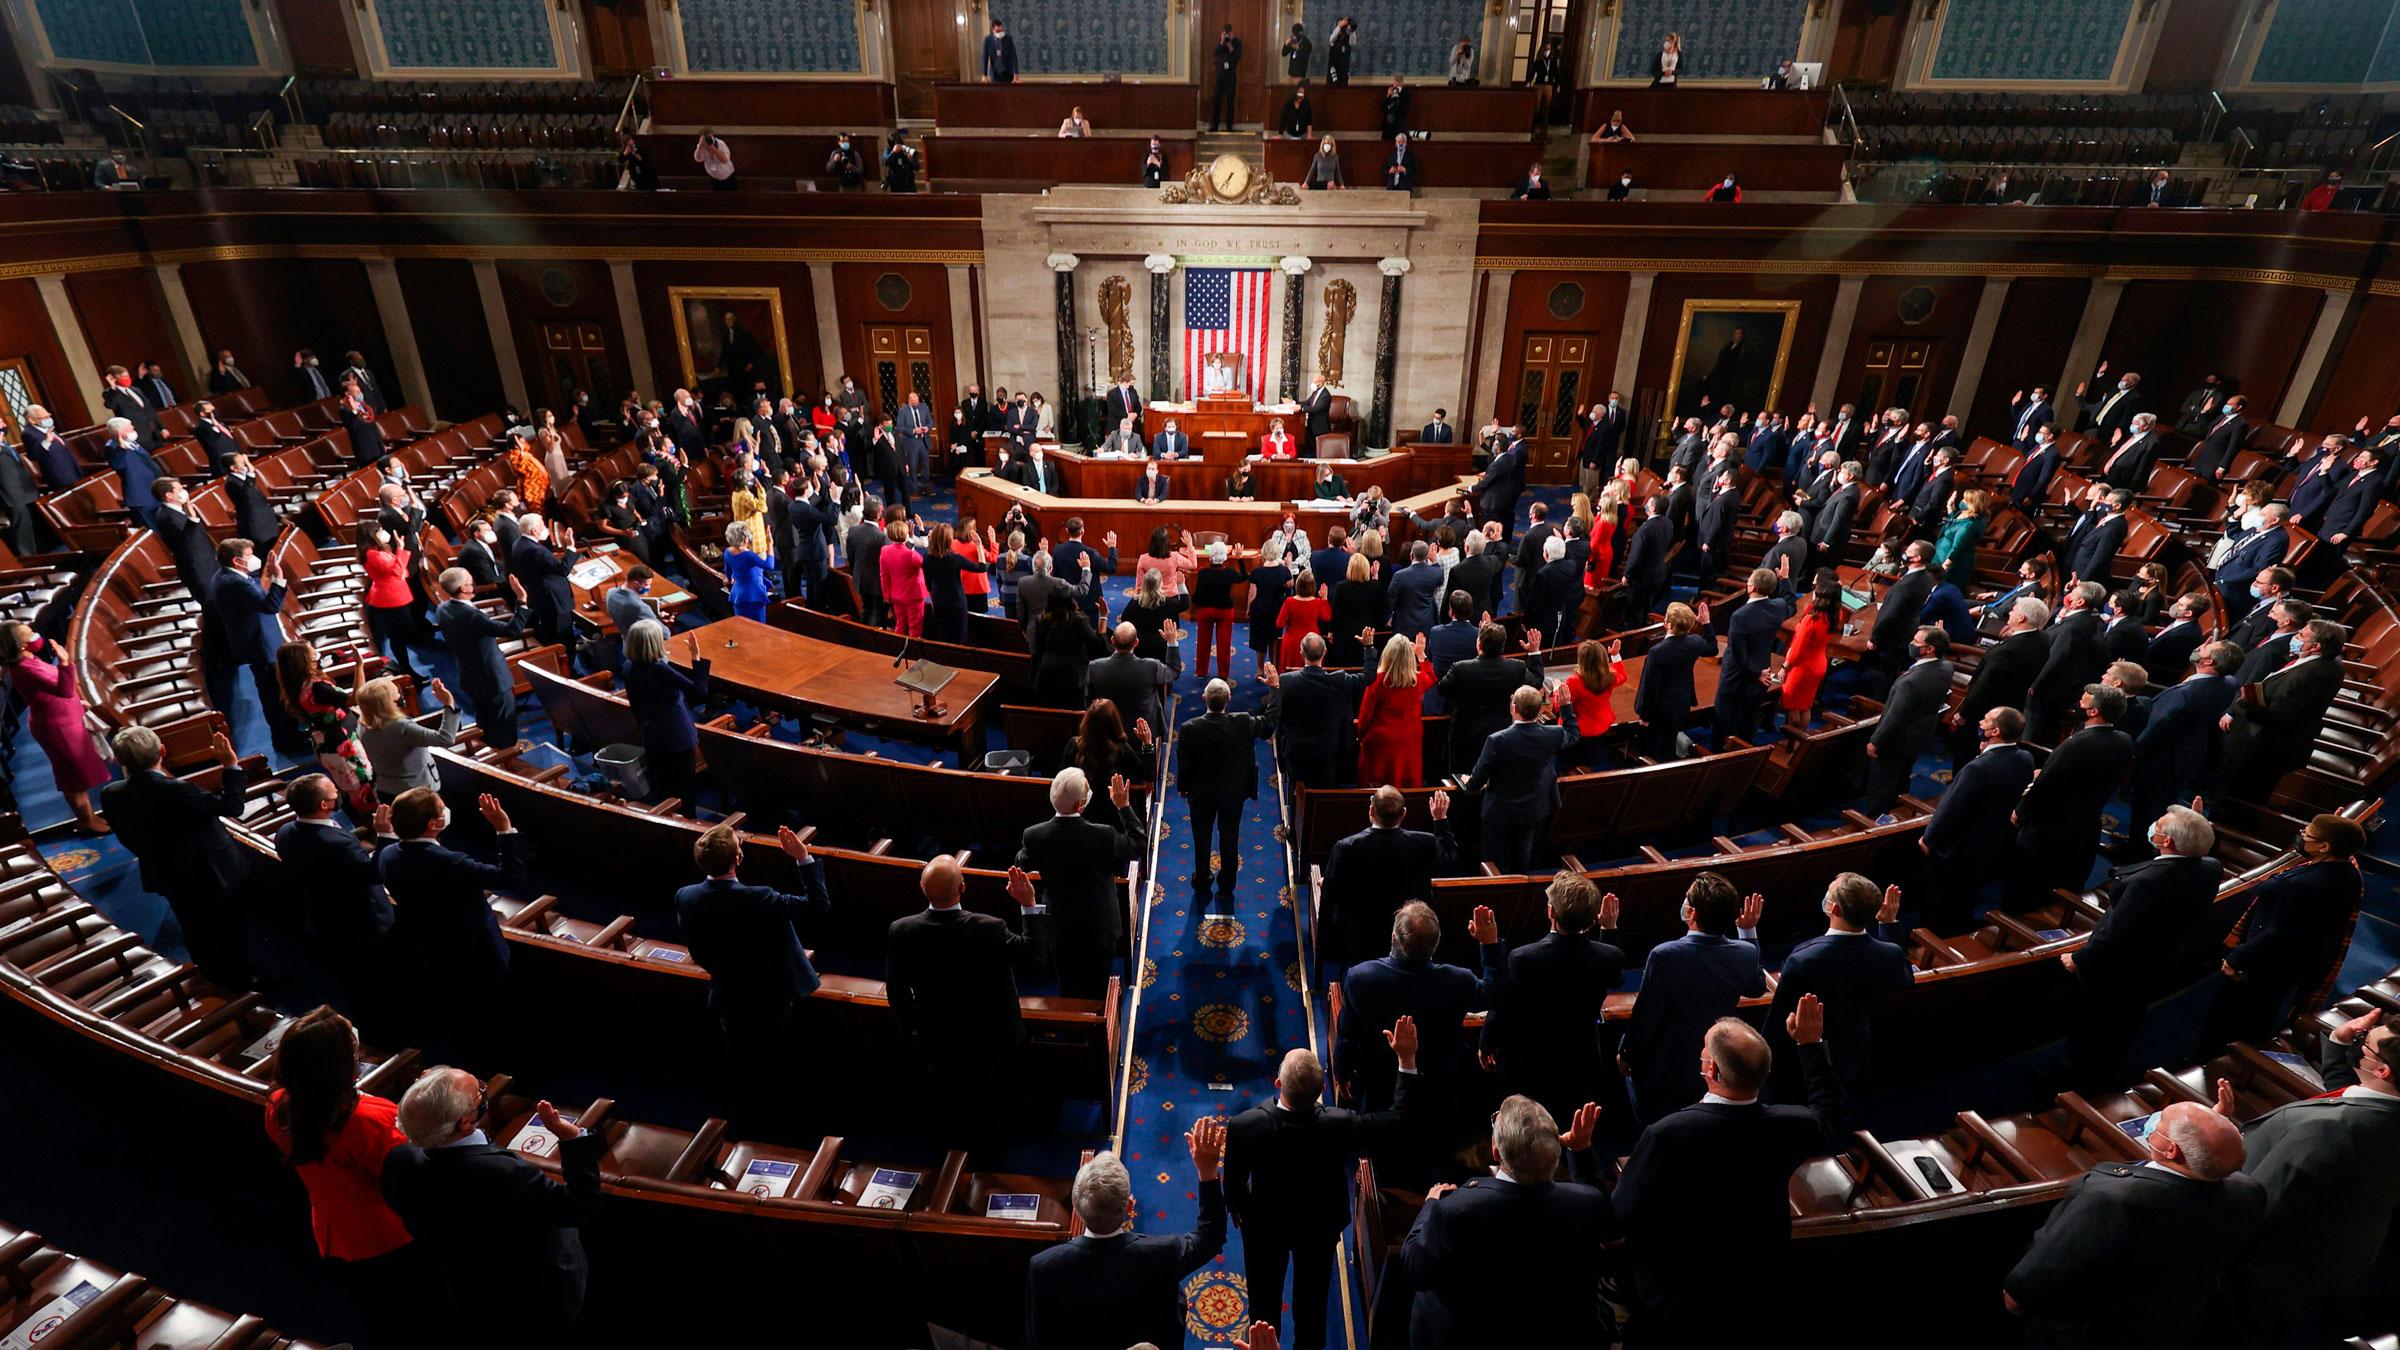 House Speaker Nancy Pelosi swears in new members of Congress on Sunday.